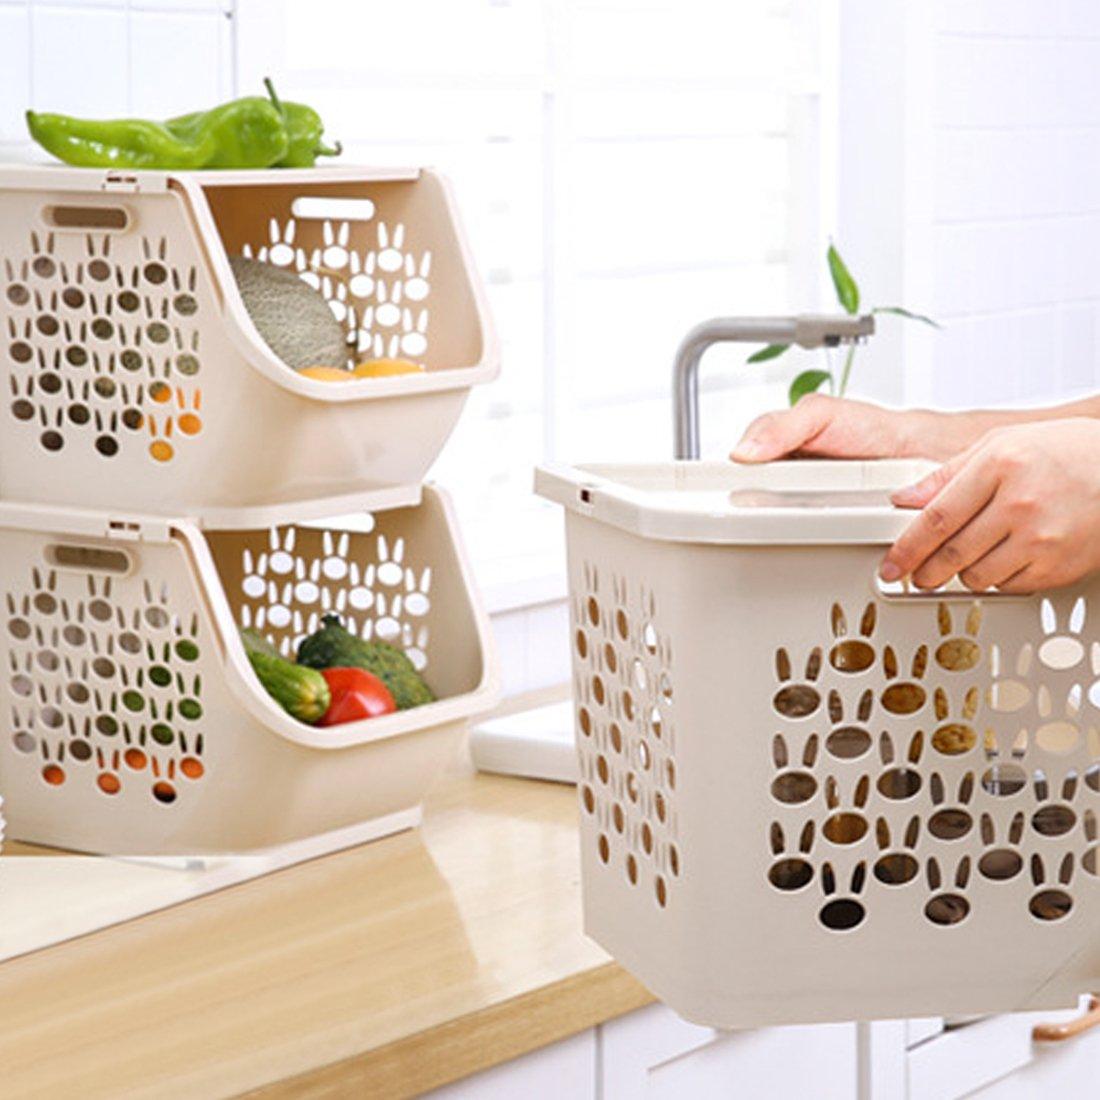 Aufbewahrung Obst Küche | Ovitop 3er Set Obst Und Gemuse Korb Obst Aufbewahrung Obst Und